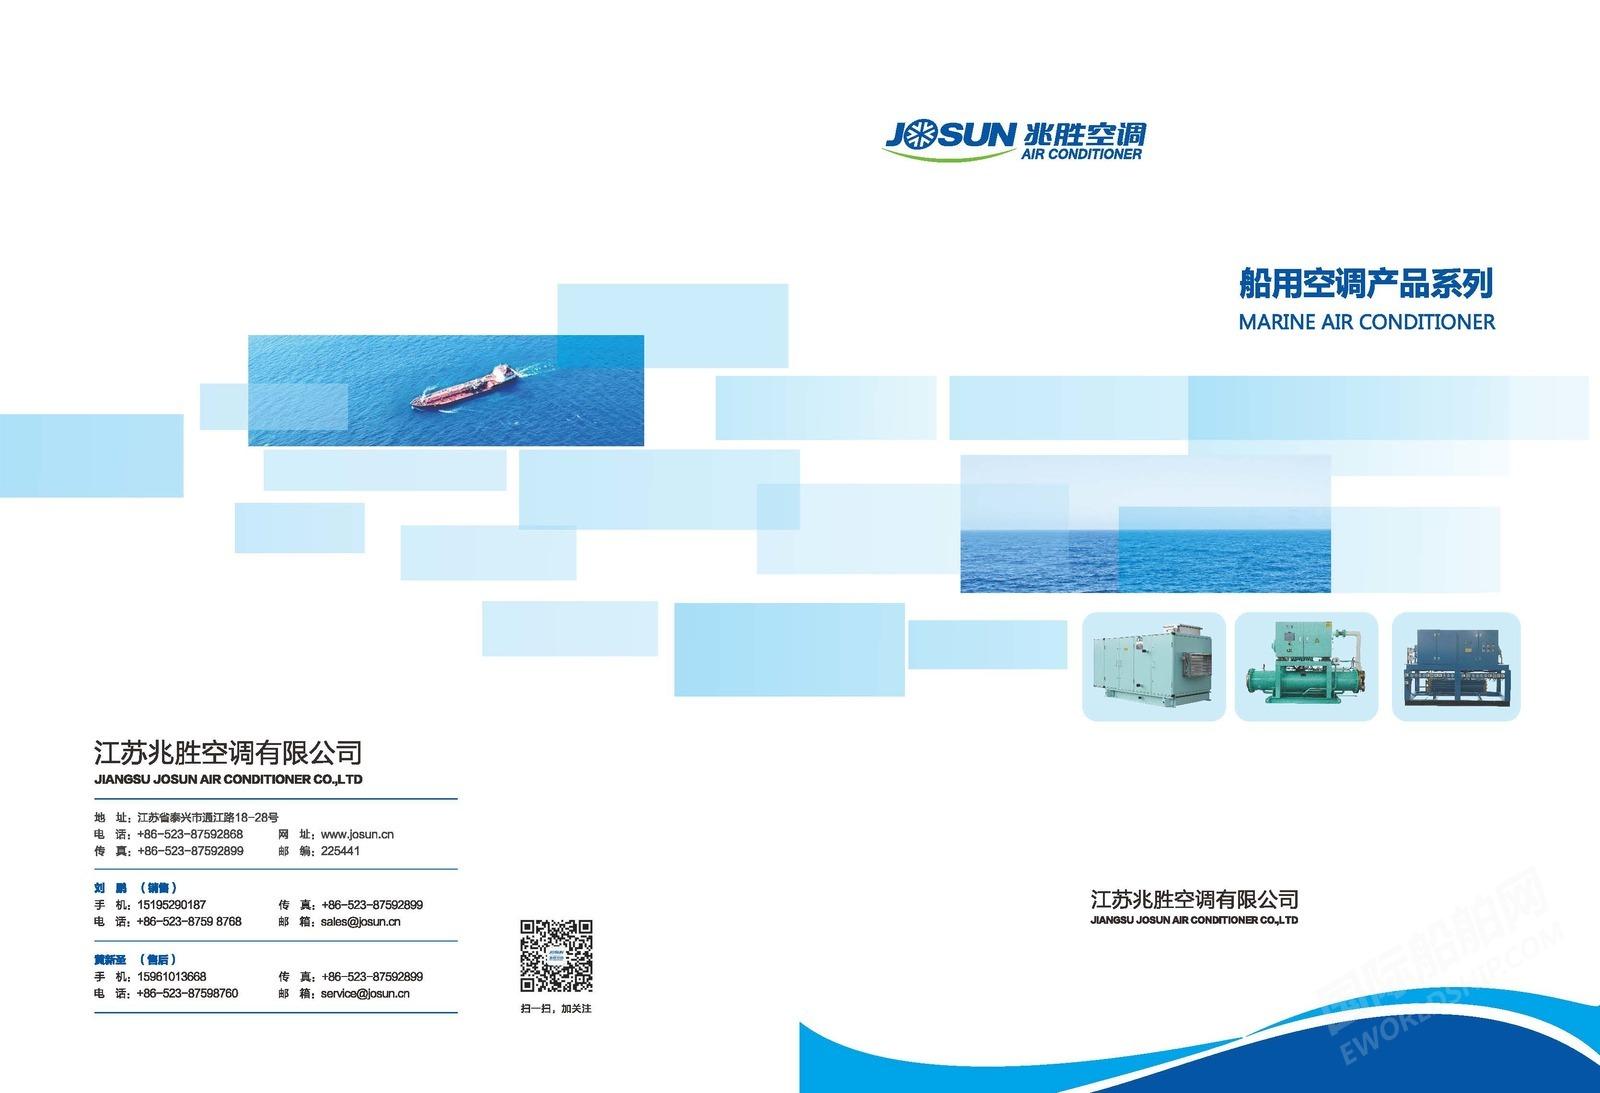 josun 船用空调产品系列